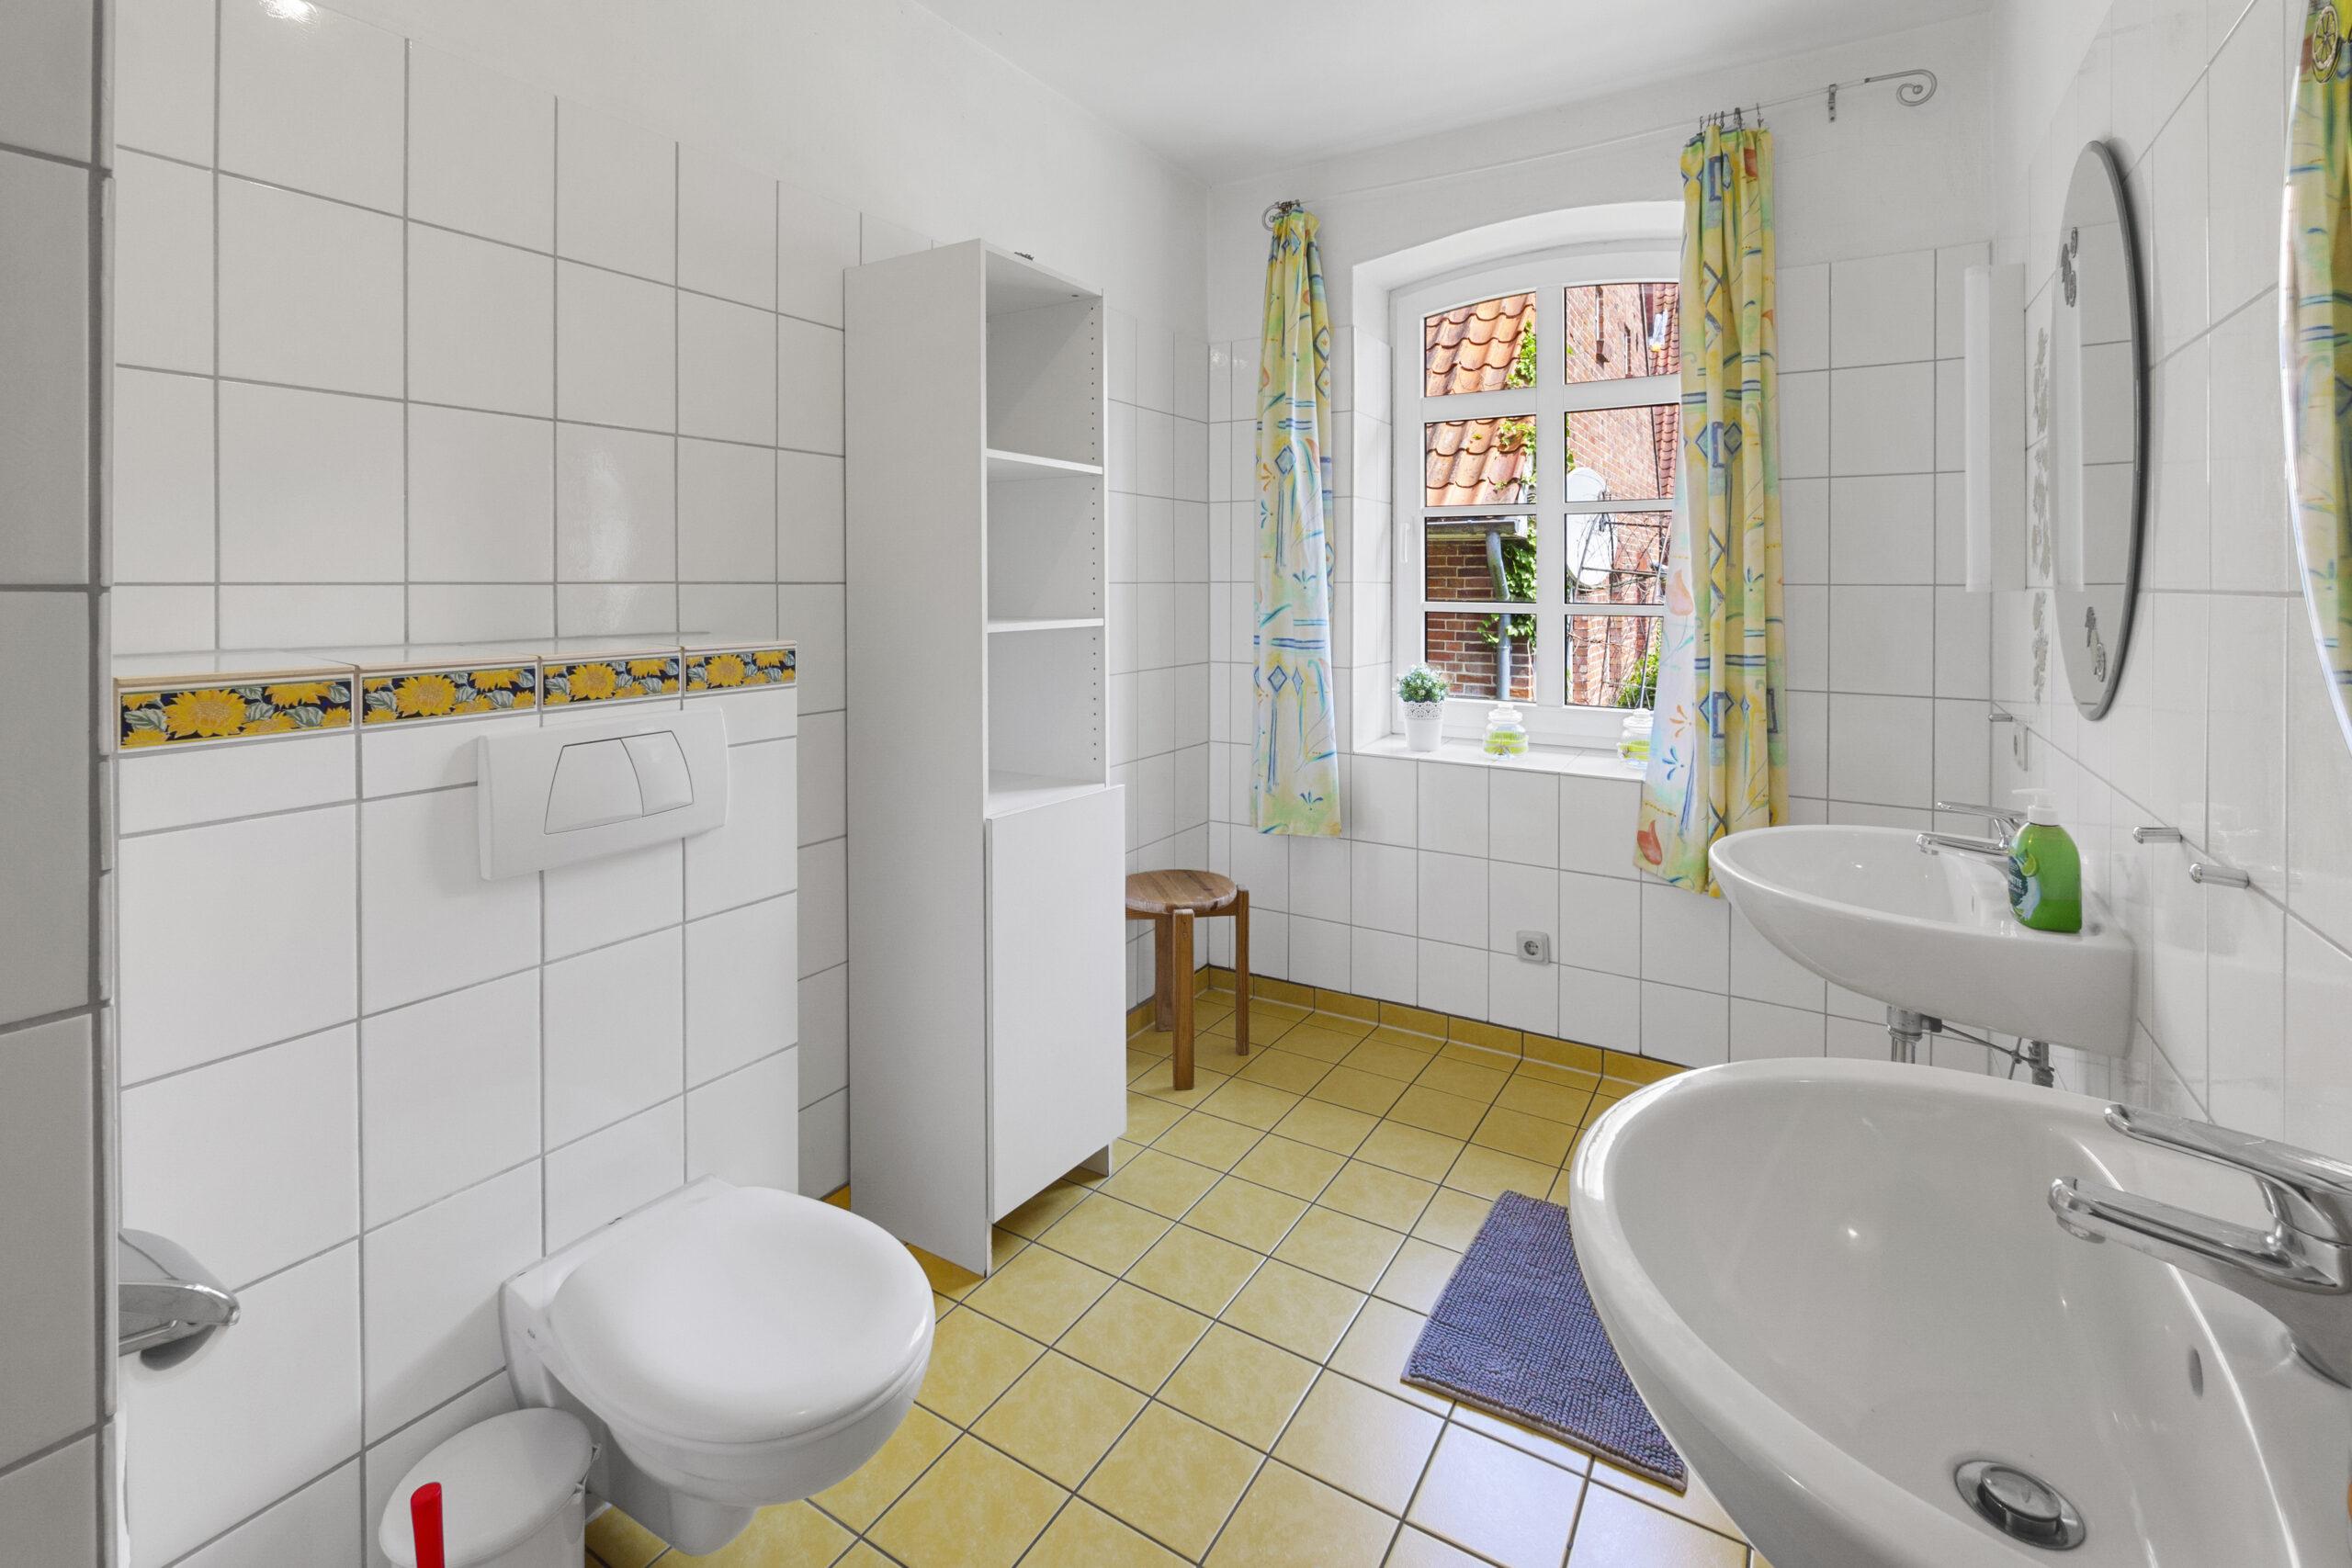 Ferienhaus 1_Badezimmer_1